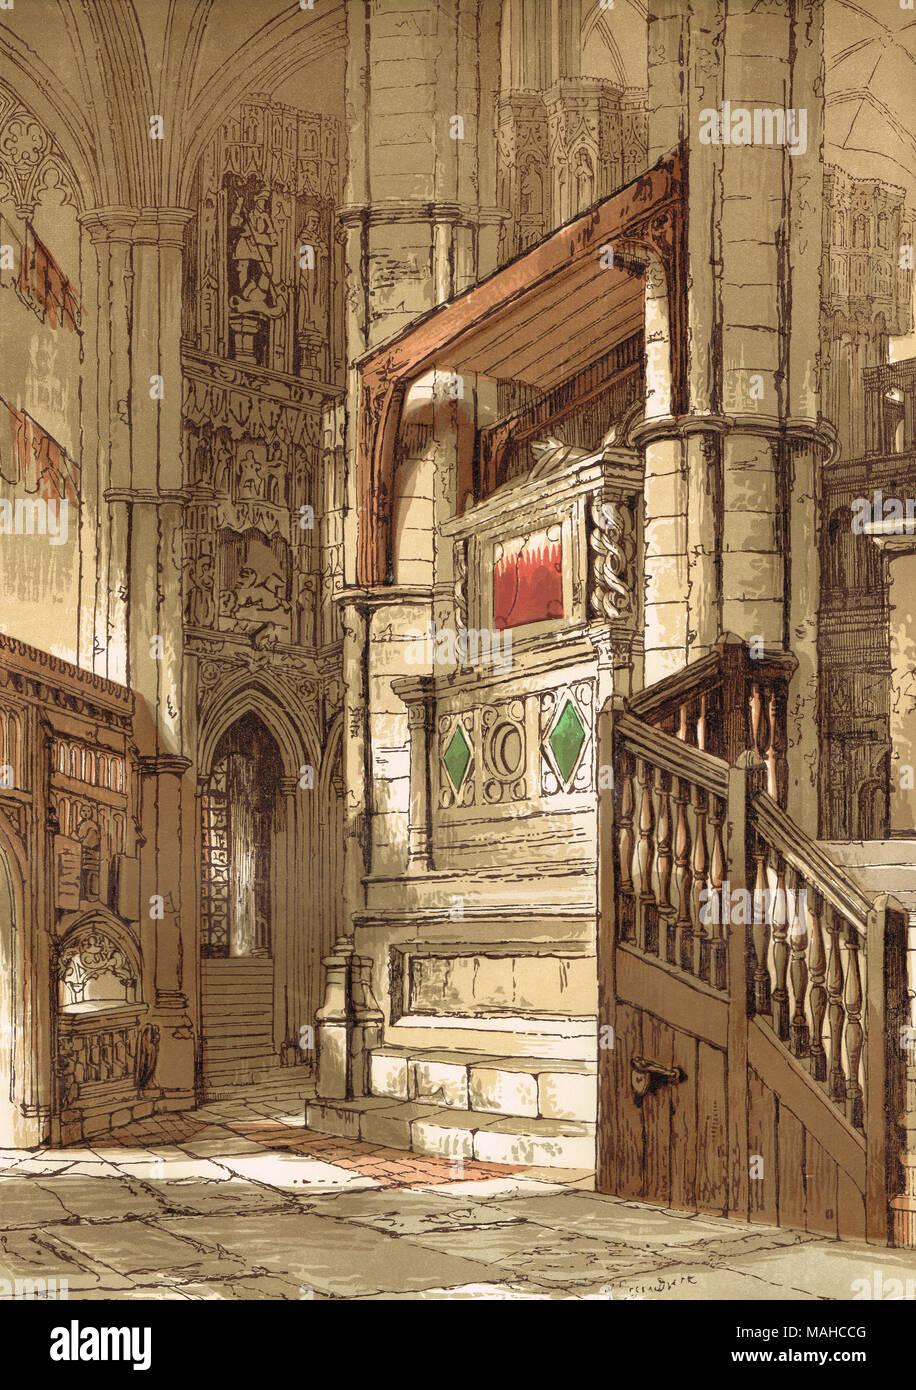 Entrada a la capilla de Eduardo el Confesor, La Abadía de Westminster, Londres, Inglaterra Imagen De Stock